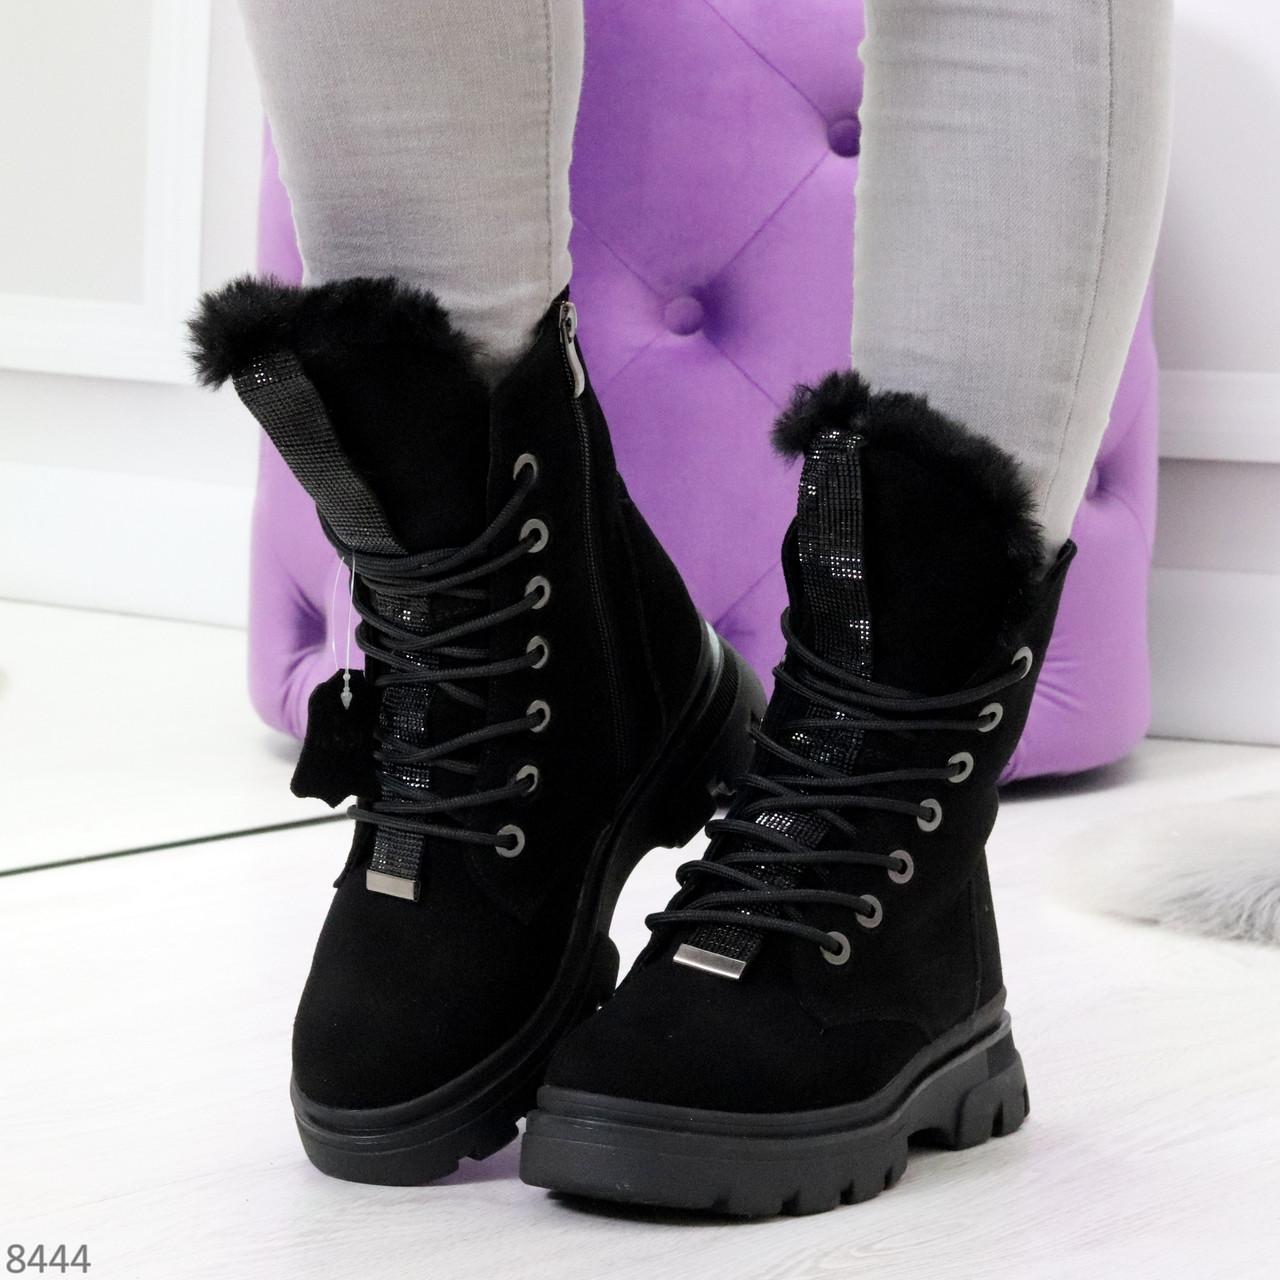 Дизайнерские высокие черные женские зимние ботинки из натуральной замши 36-23,5см